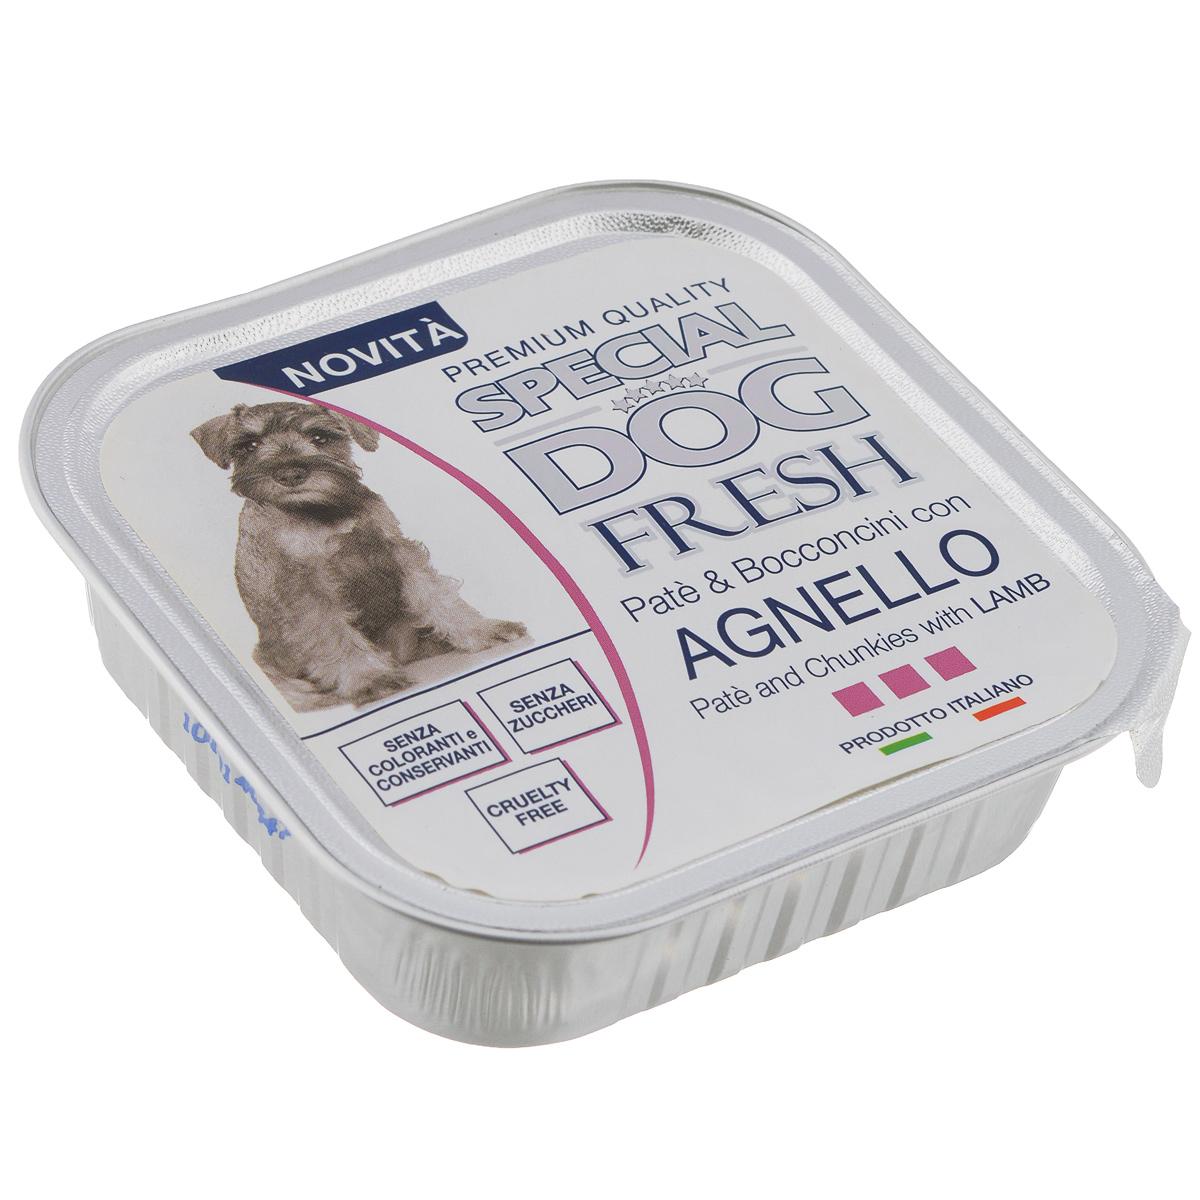 Консервы для собак Monge Special Dog Fresh, с ягненком, 150 г0120710Консервы для собак Monge Special Dog Fresh - это полноценный сбалансированный корм для собак. Паштет из мяса ягненка.Состав: свежее мясо 80% (мин. 10% мяса ягненка), минеральные вещества, витамины. Технологические добавки: загустители и желирующие вещества. В данном продукте нет клейковины.Анализ компонентов: протеин 9%, жир 7%, сырая клетчатка 0,5%, сырая зола 1,2%, влажность 82%.Витамины и добавки на 1 кг: витамин А 2500 МЕ, витамин D3 300 МЕ, витамин Е 7 мг. Товар сертифицирован.